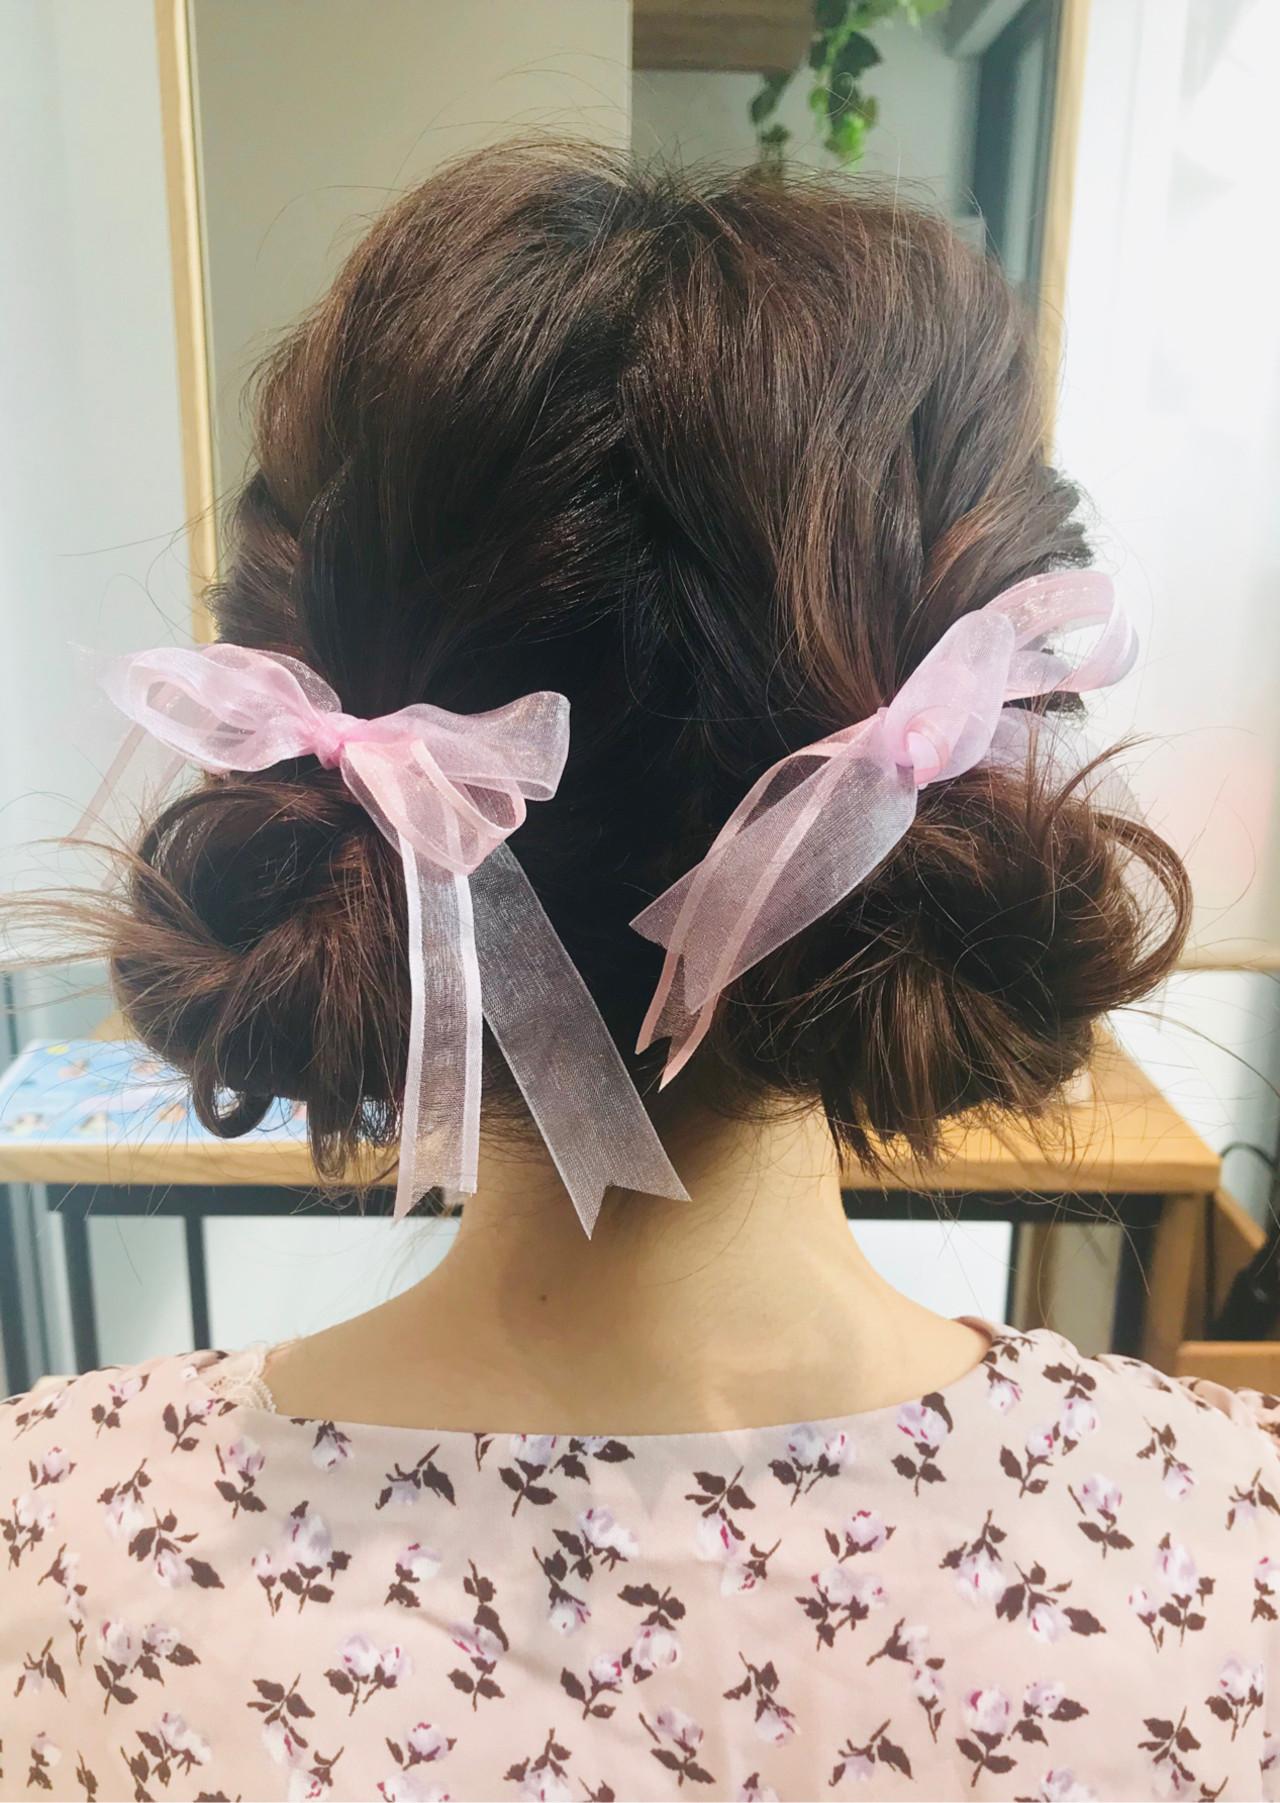 ヘアアレンジ ミディアム ガーリー コンサート ヘアスタイルや髪型の写真・画像